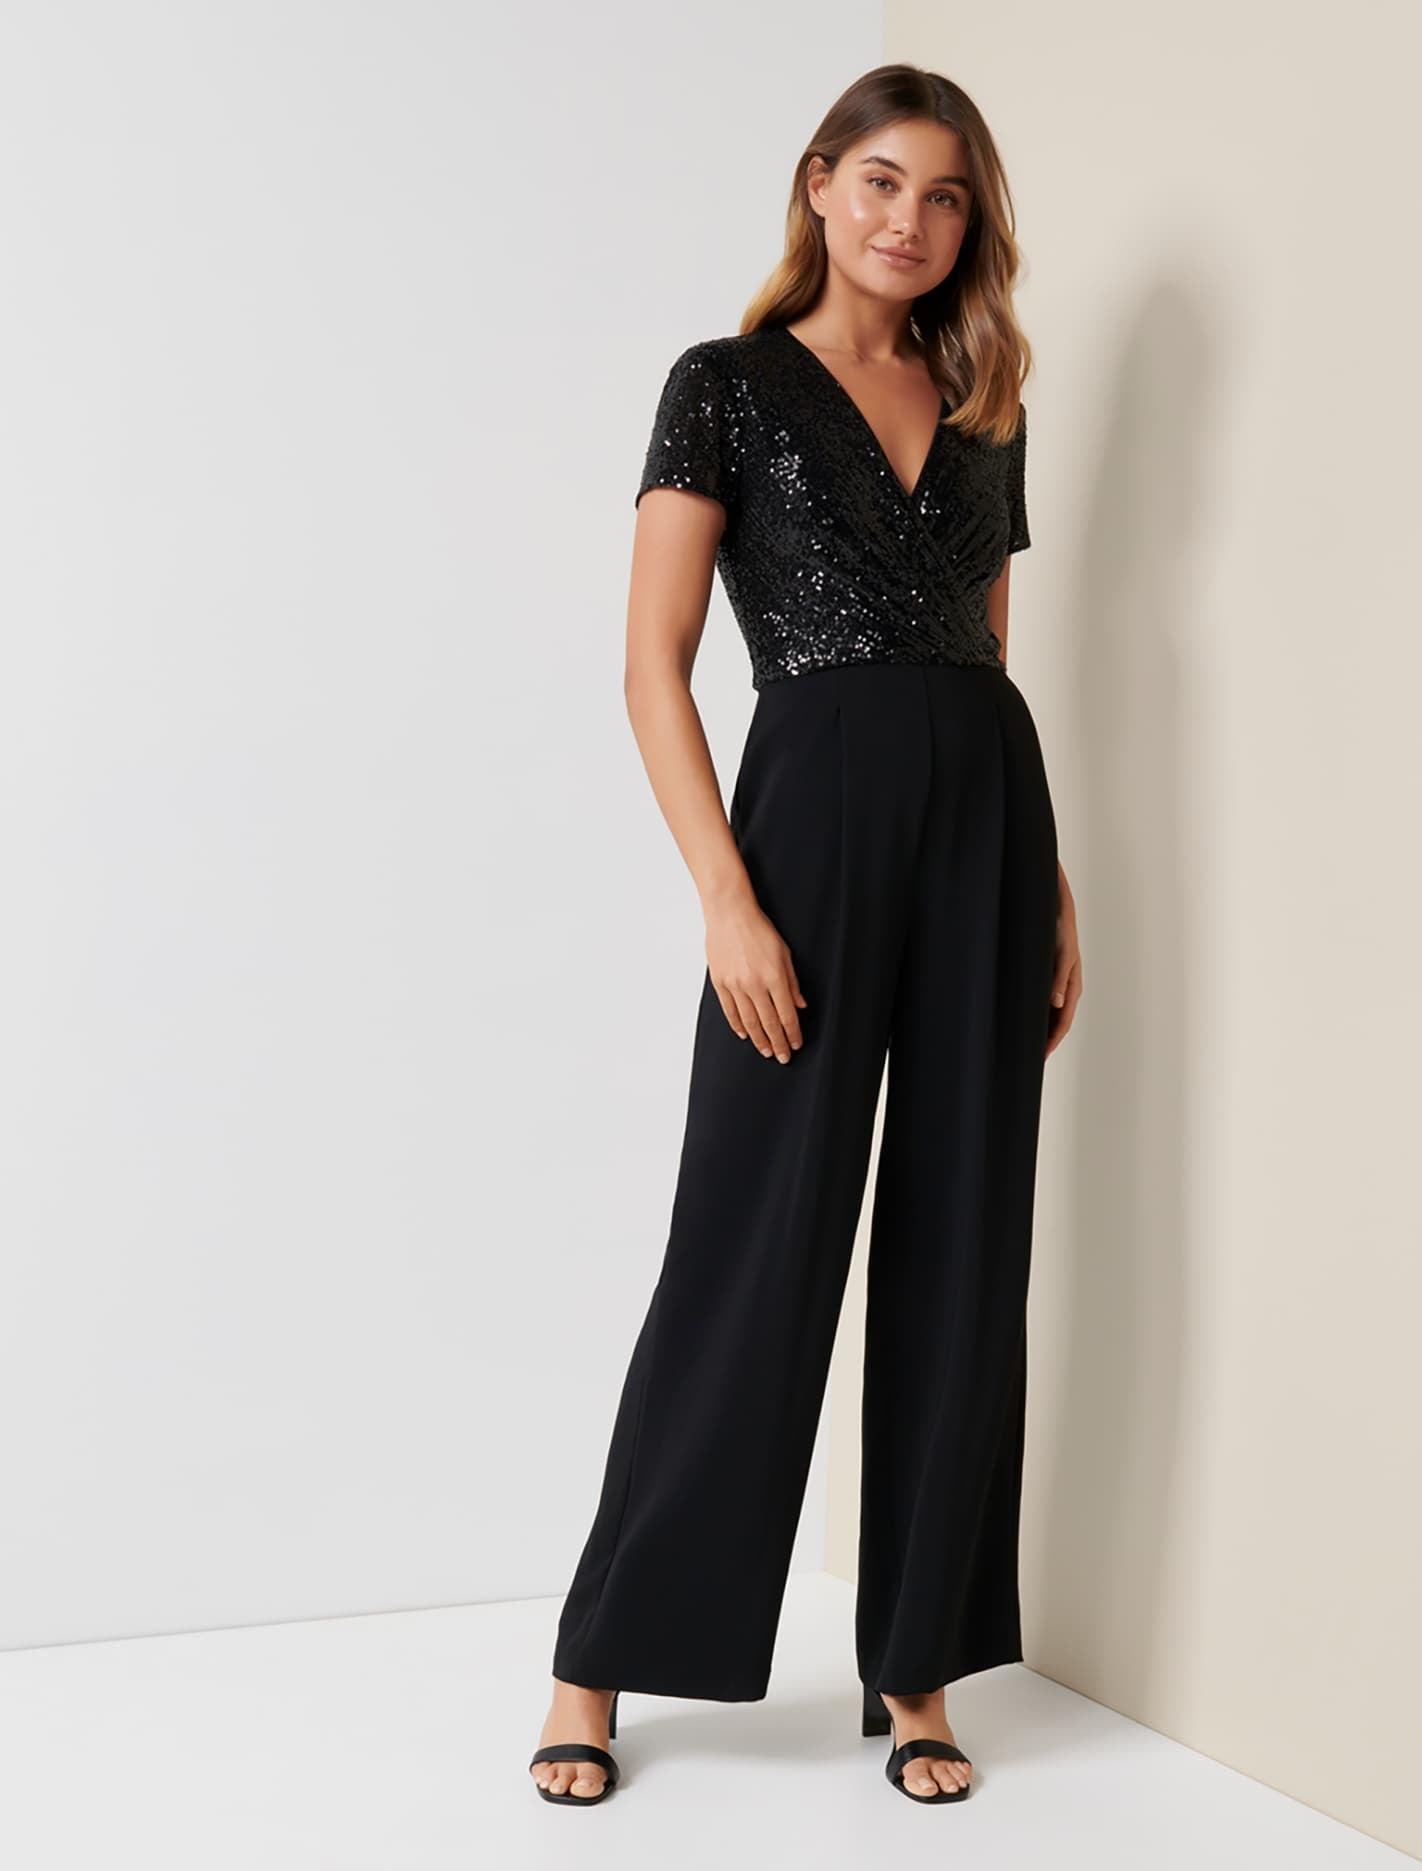 70s Jumpsuit | Disco Jumpsuits, Sequin Rompers Elaine Sequin Jumpsuit - Black - 12 $161.99 AT vintagedancer.com